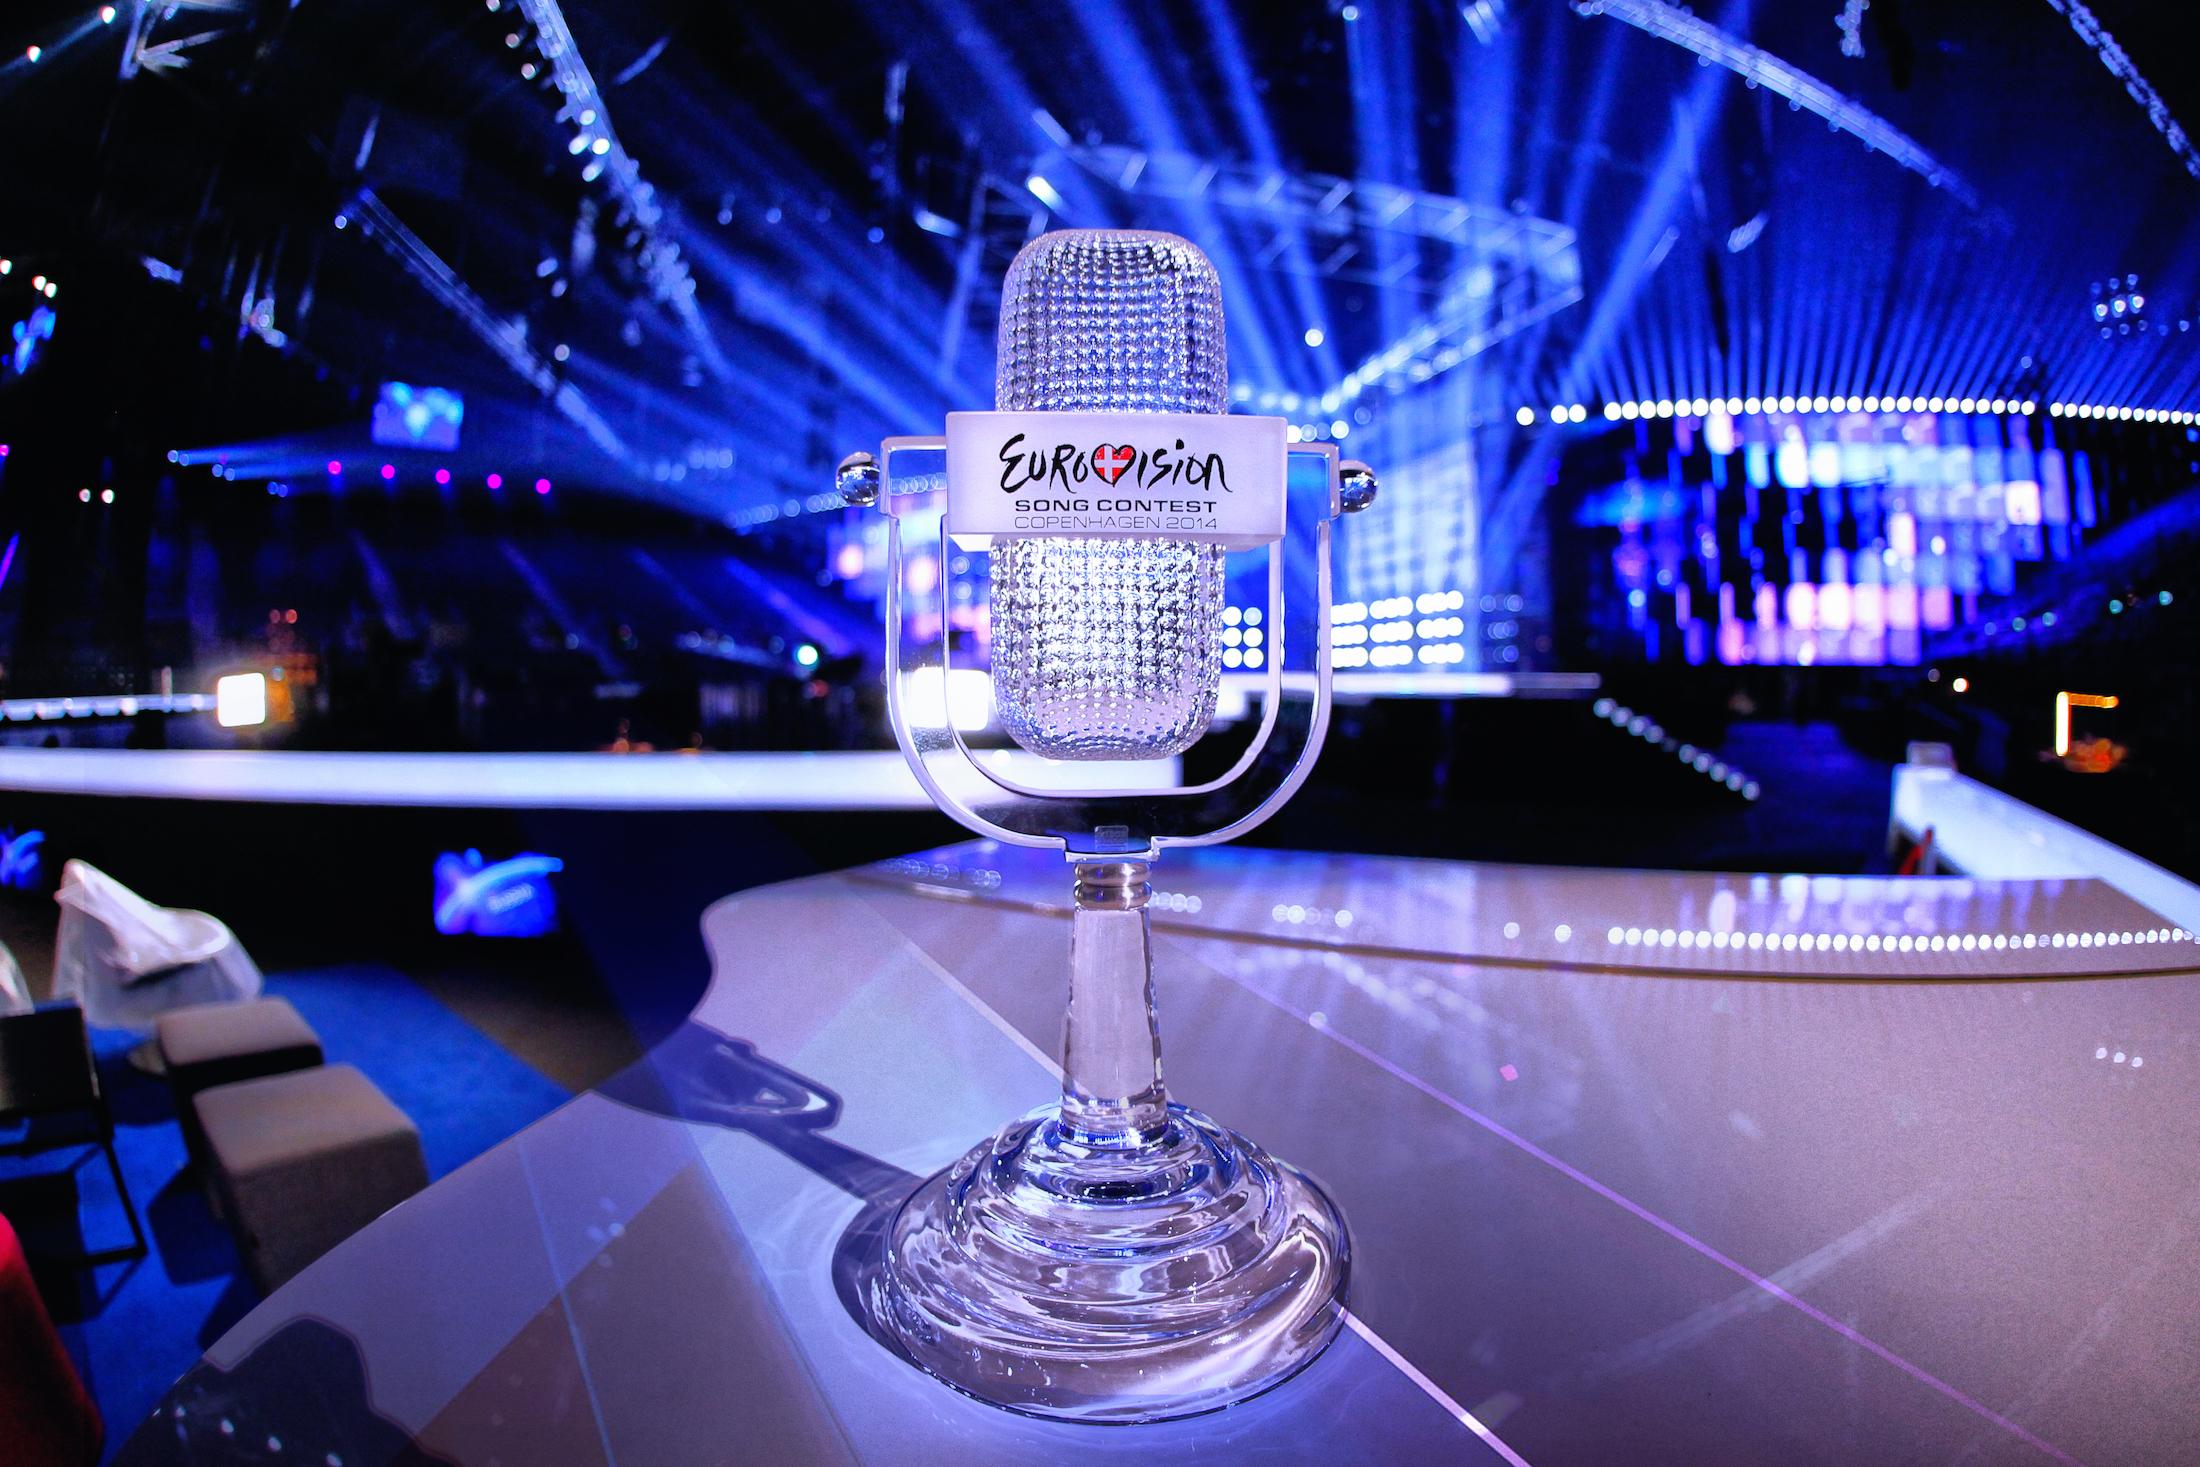 le favori su dois mans zelmerlow remporte l 39 eurovision vienne culture. Black Bedroom Furniture Sets. Home Design Ideas